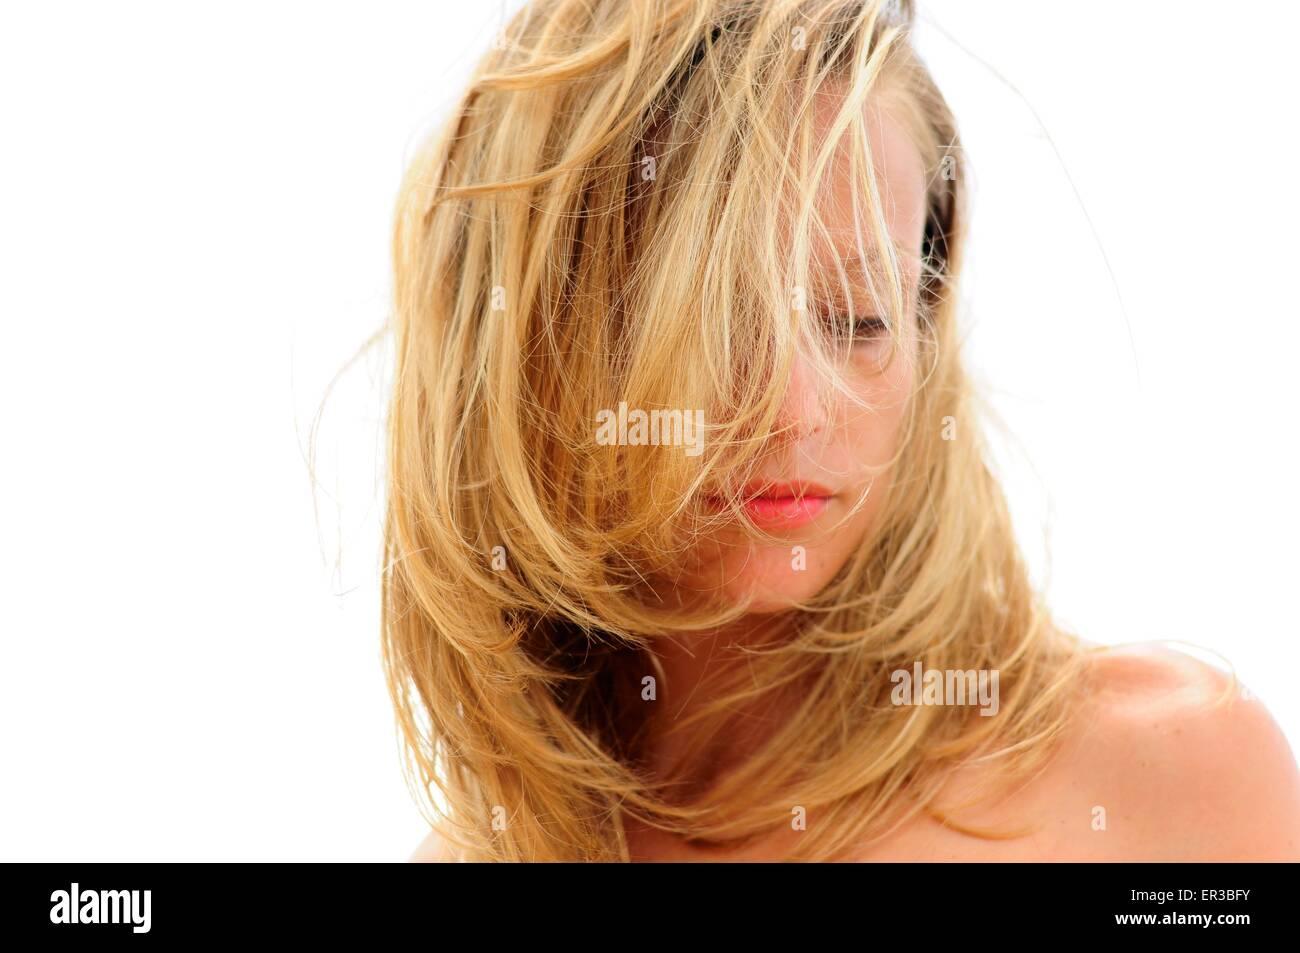 Donna con i capelli che ricopre la faccia Immagini Stock